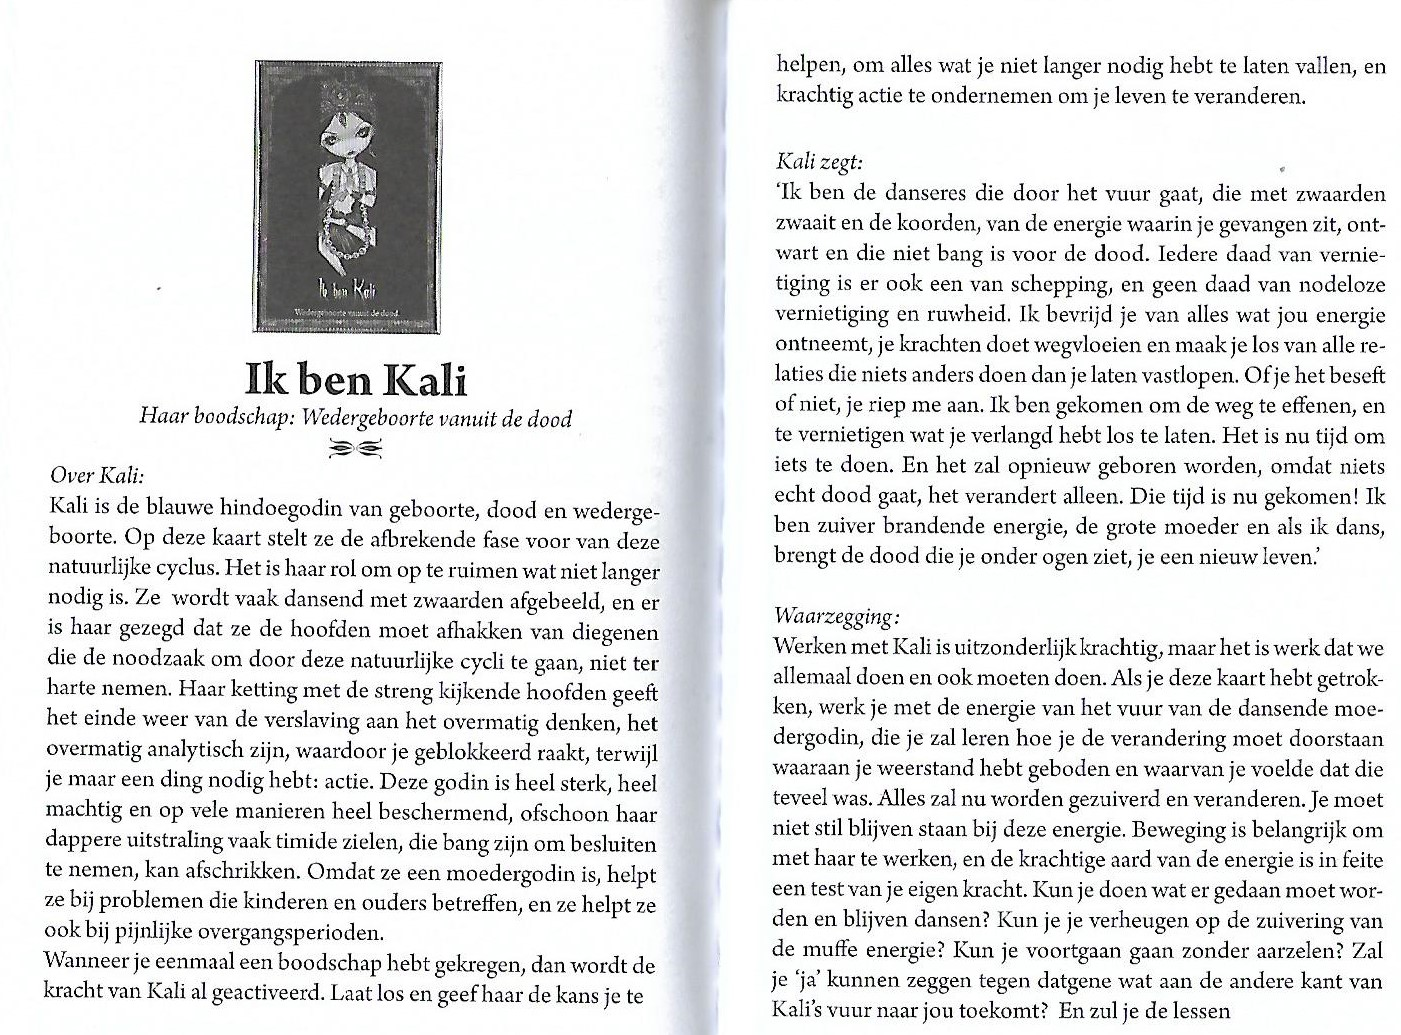 Kali1.jpg